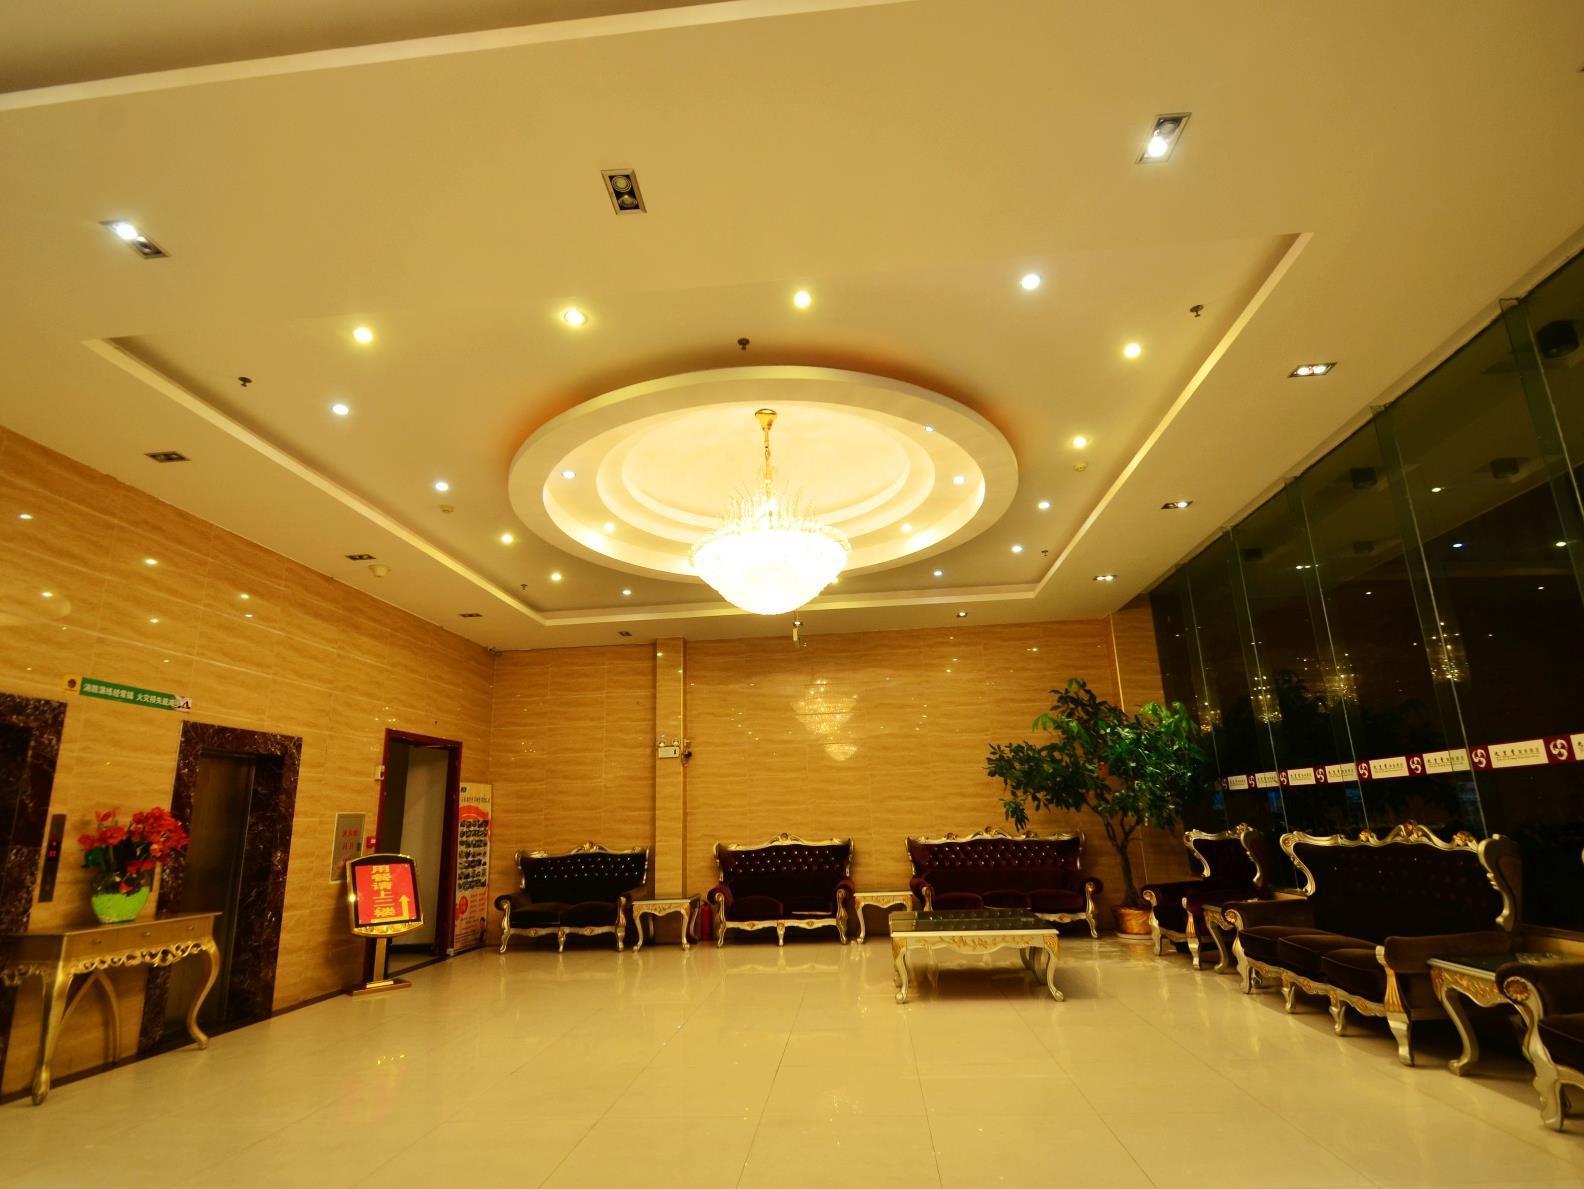 Sanya Jiulixiang Business Hotel 4